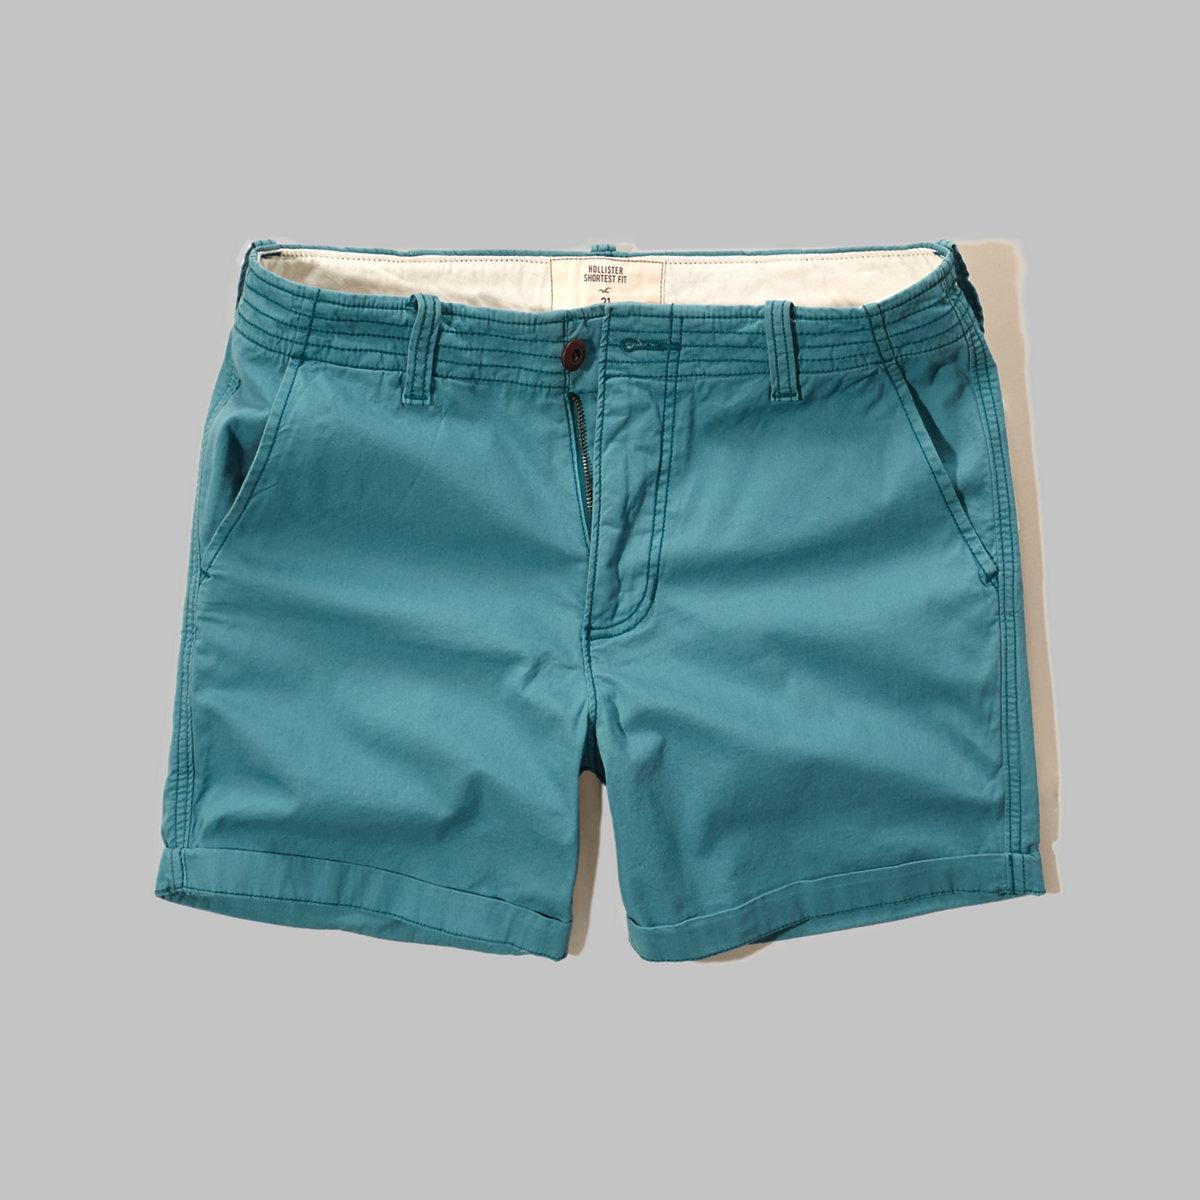 Hollister Shortest Fit Shorts